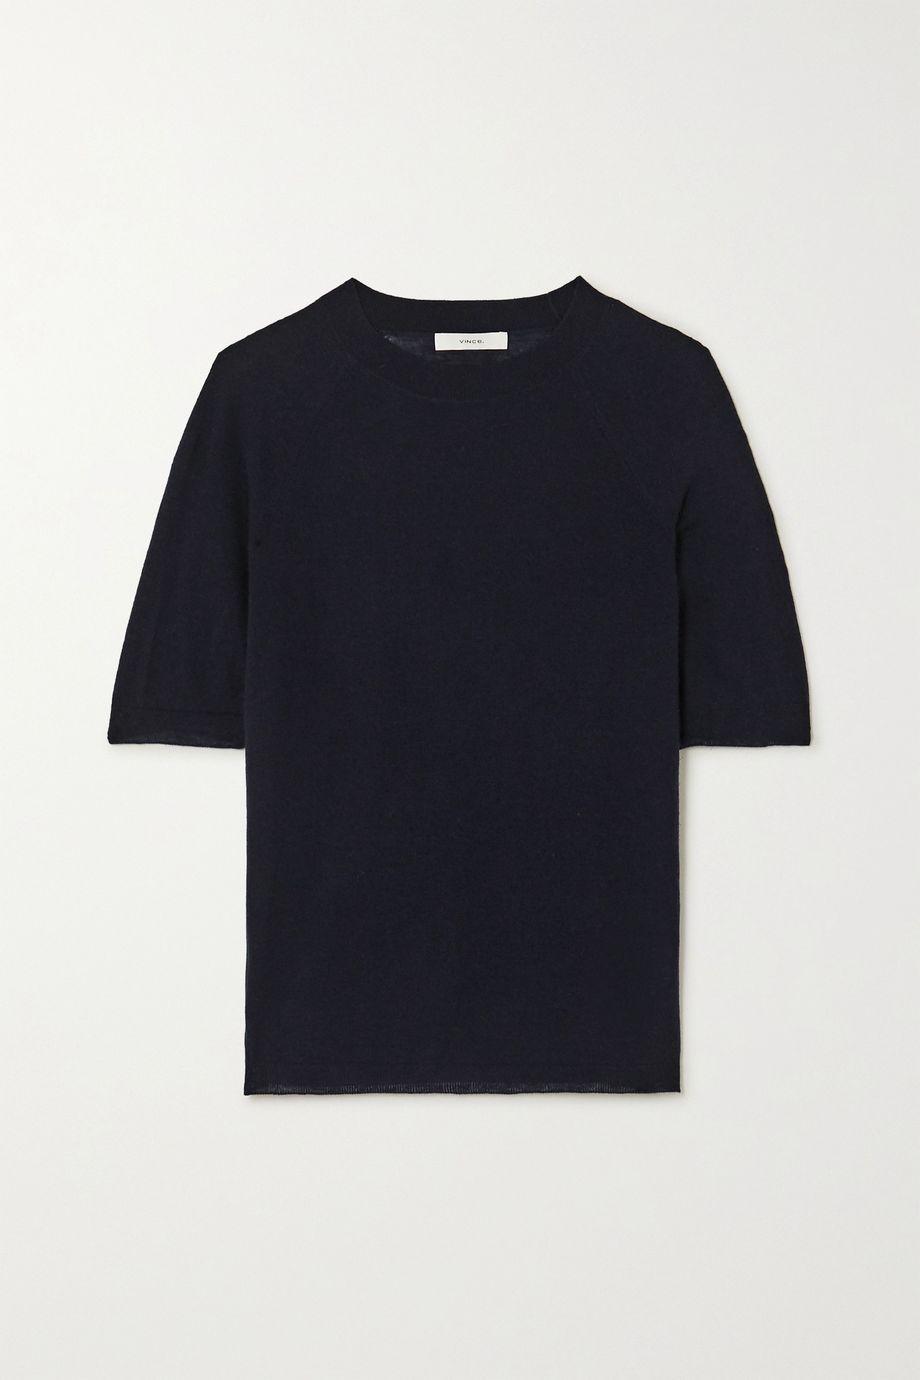 Vince Wool-blend top